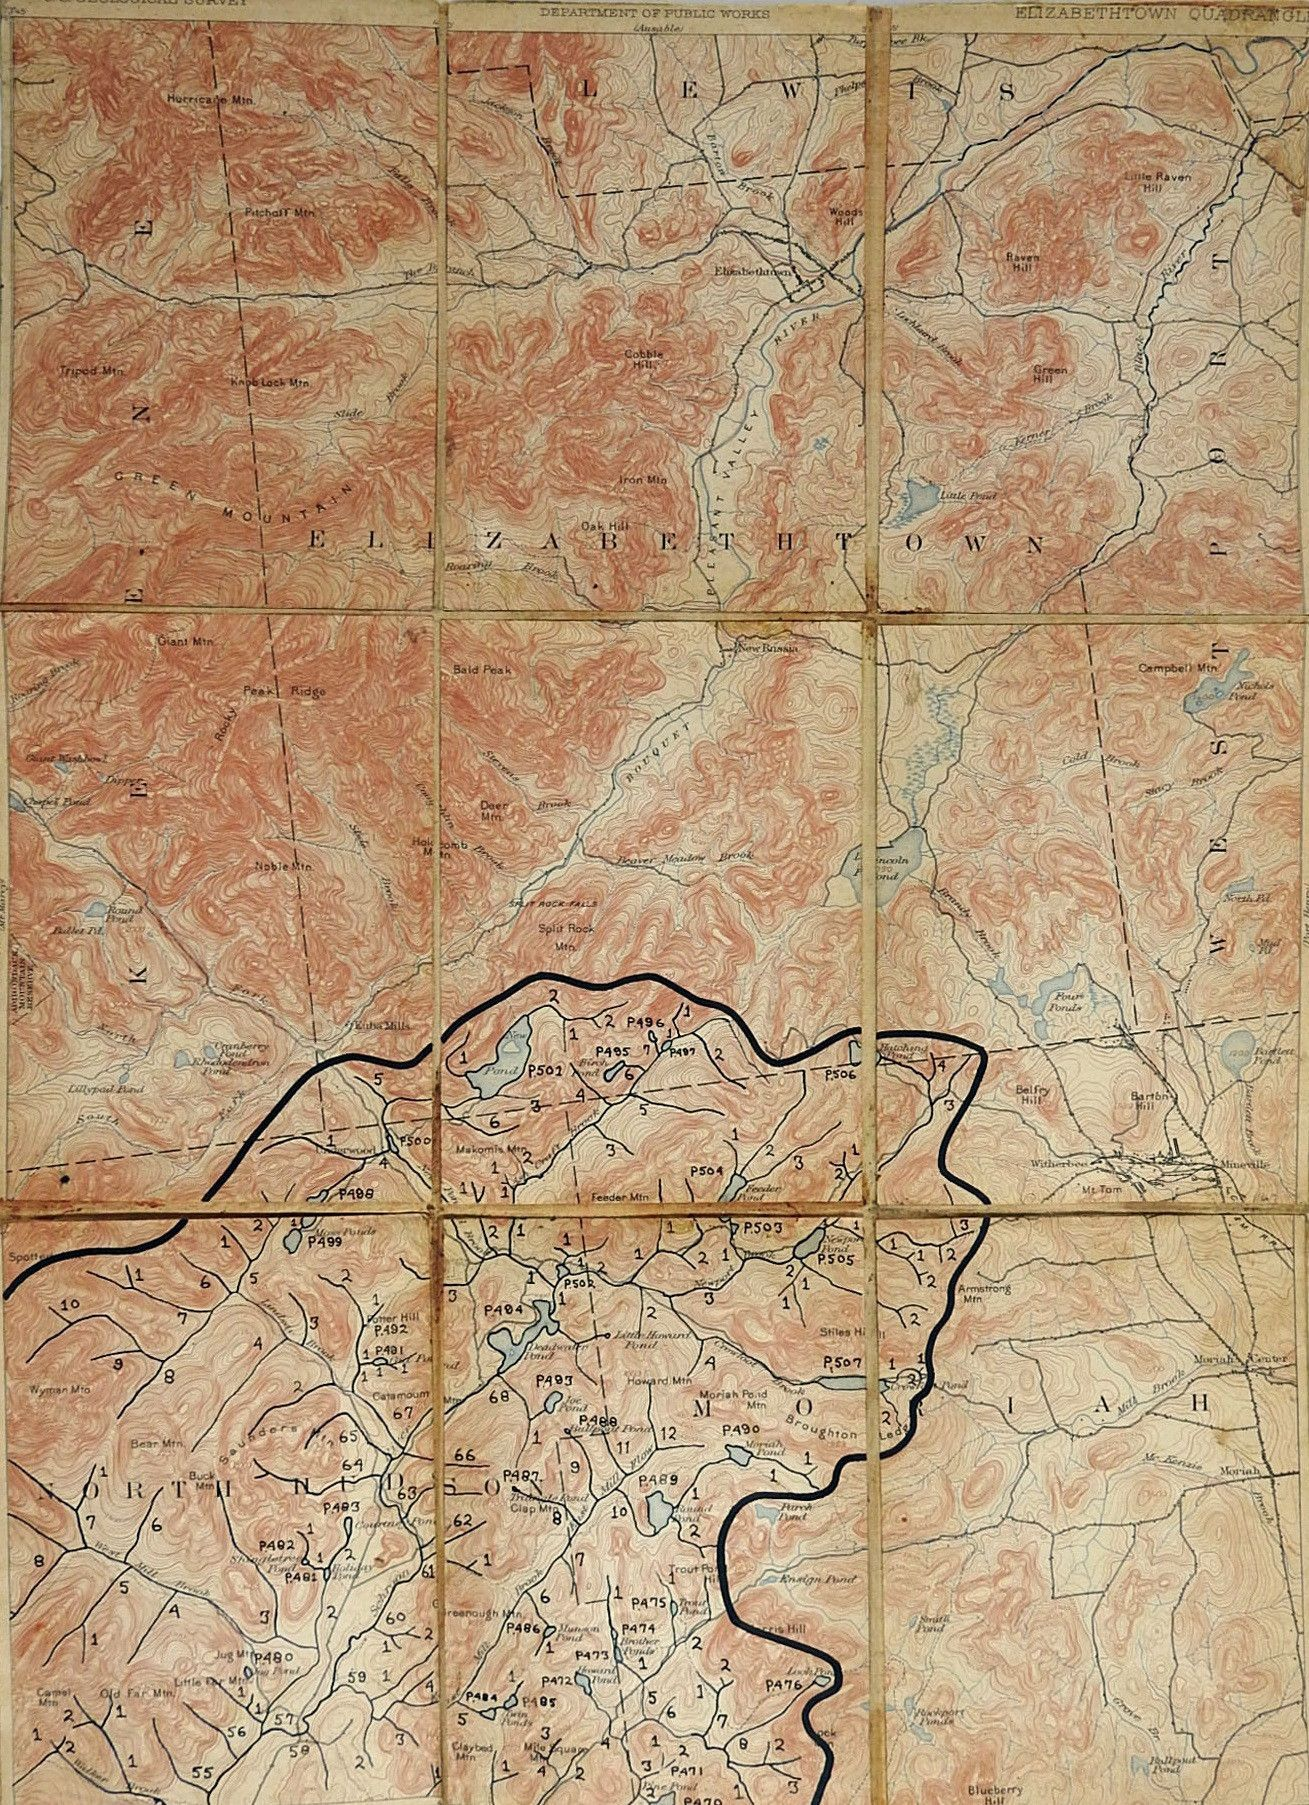 Engraved Elizabethtown NY 1894 Folding Map